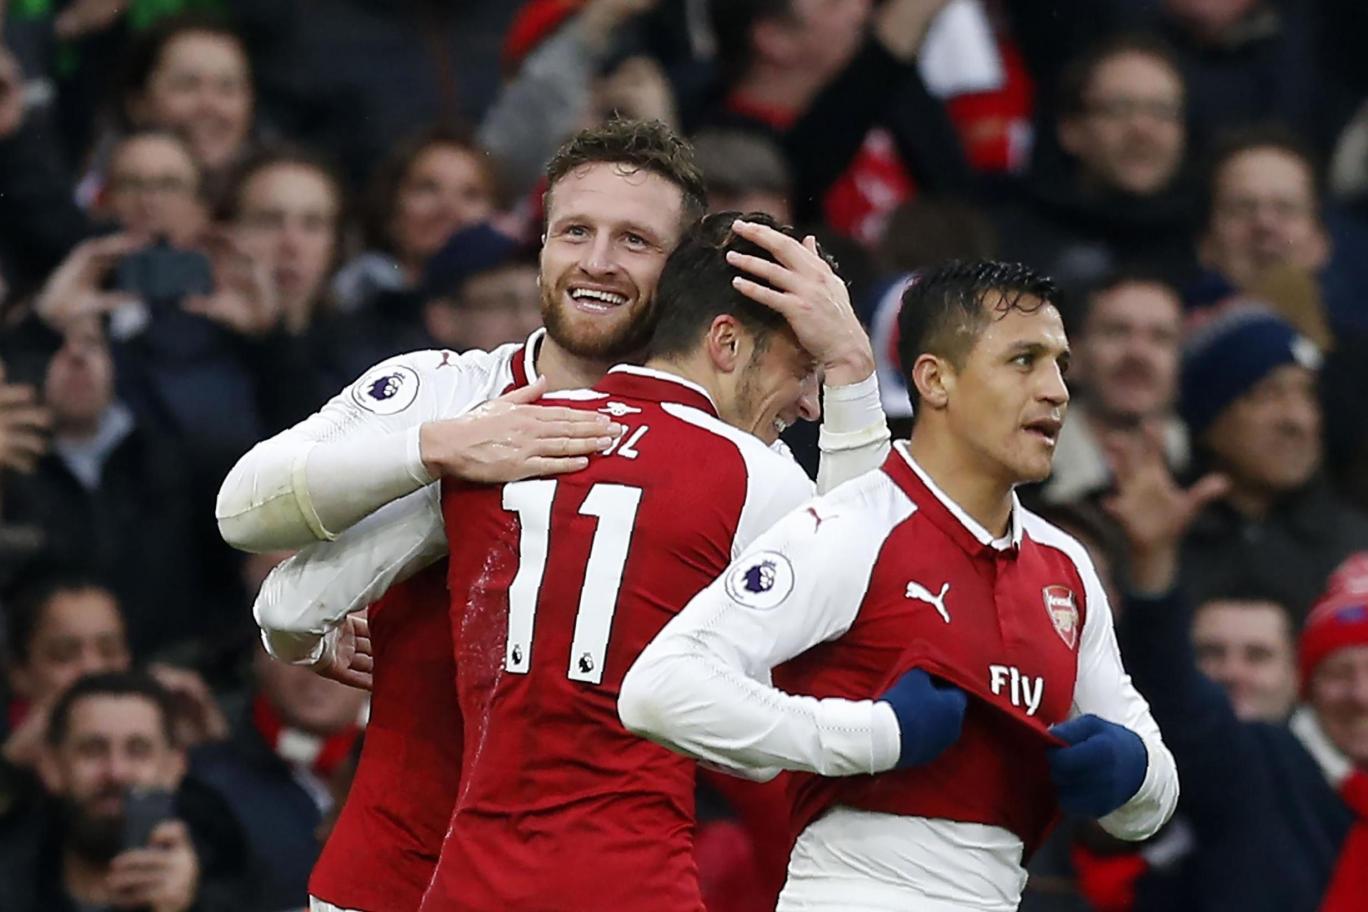 Góc HLV Phan Thanh Hùng: Arsenal khẳng định bản lĩnh, đẳng cấp của đội bóng lớn - Bóng Đá